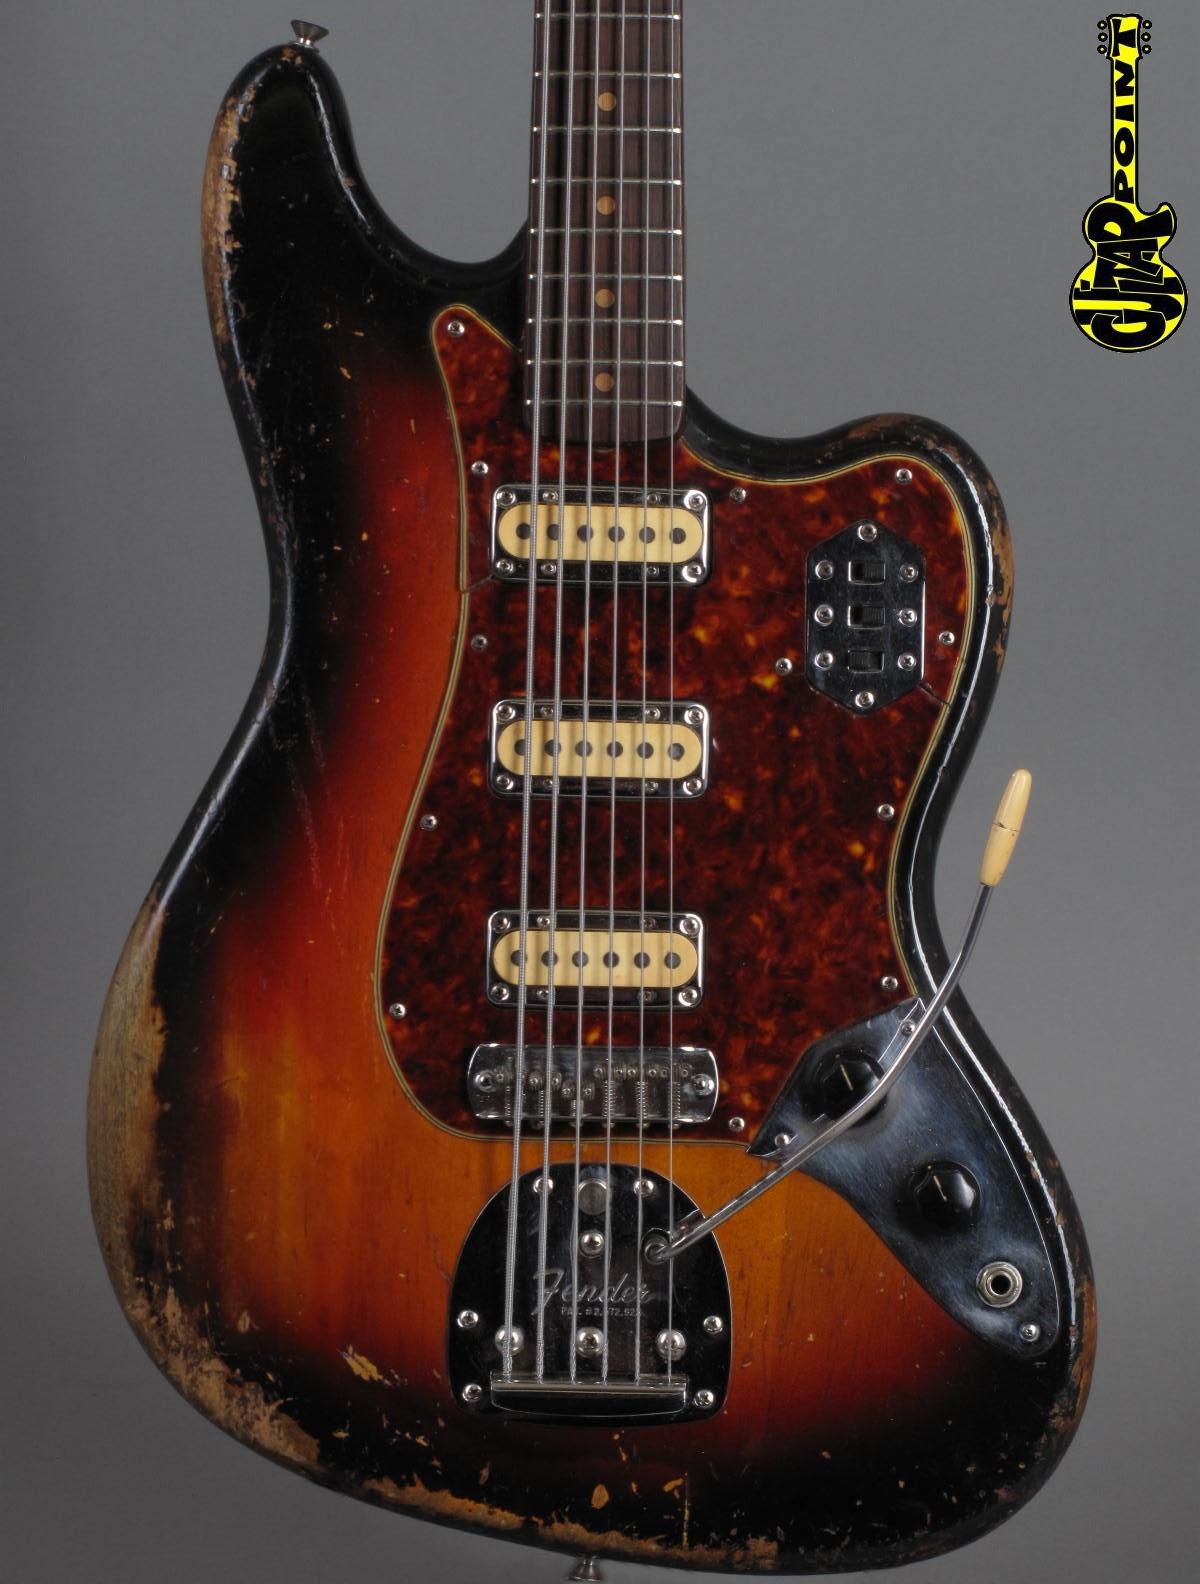 1962 Fender Bass VI – 3-t Sunburst